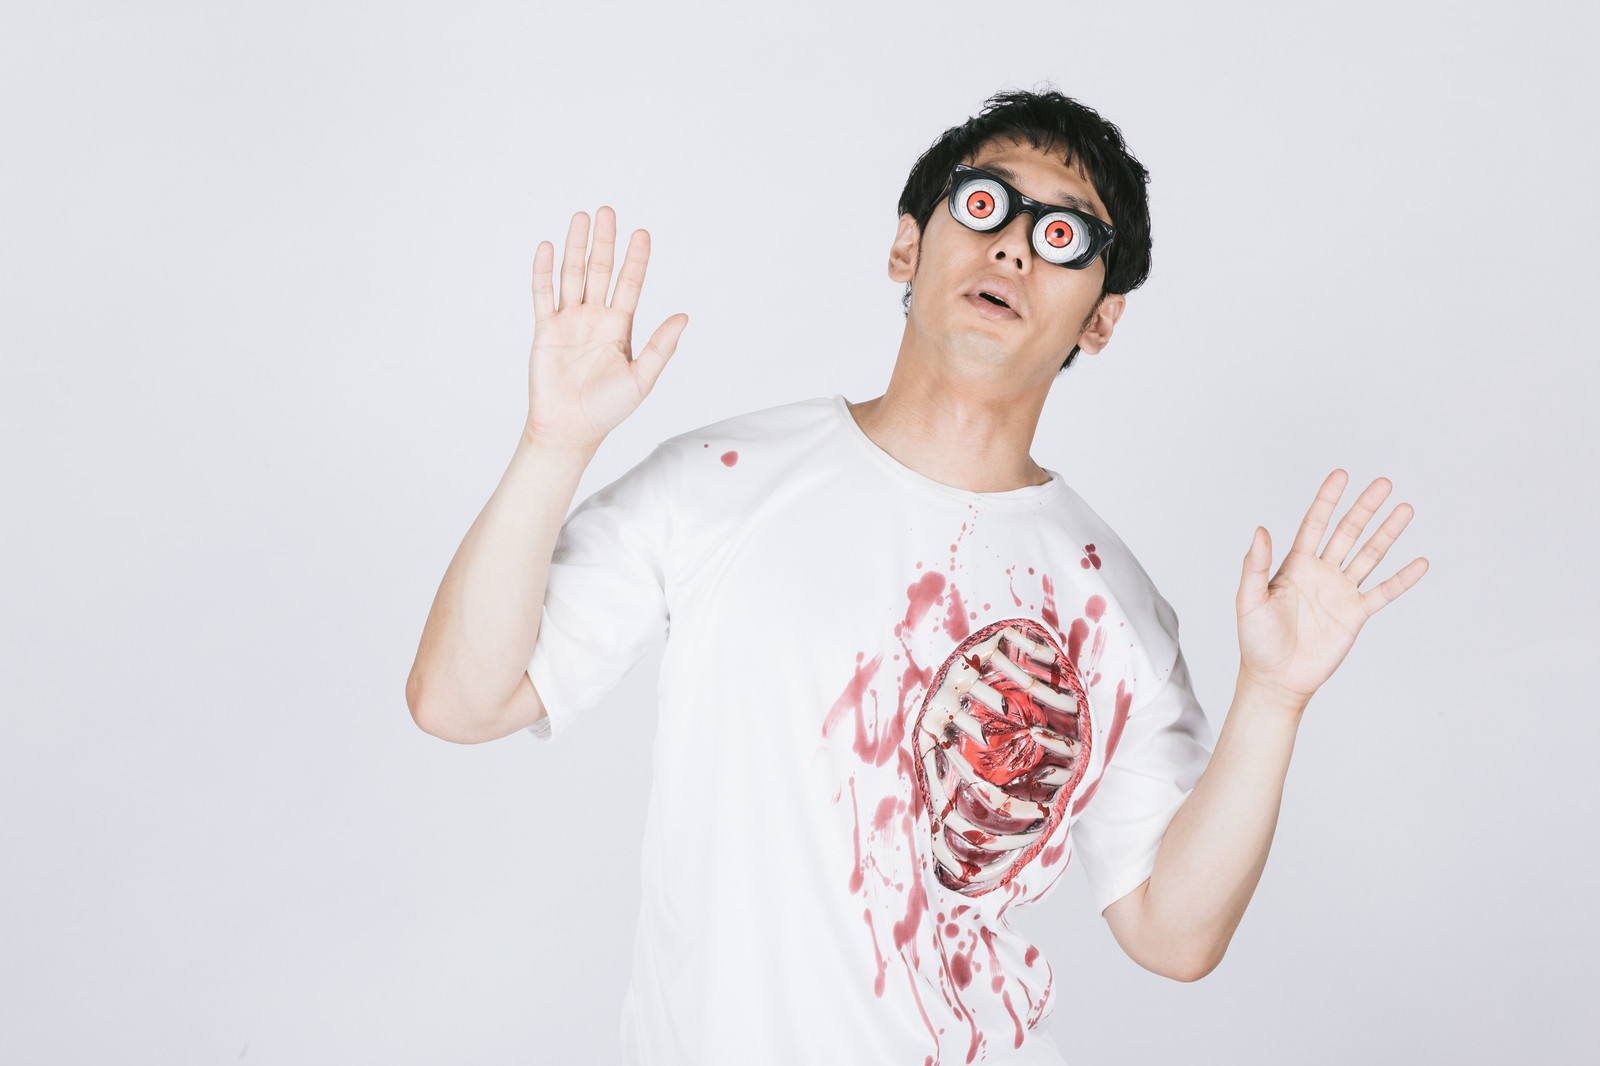 「自分のバキバキ肋骨に驚く男性」の写真[モデル:大川竜弥]